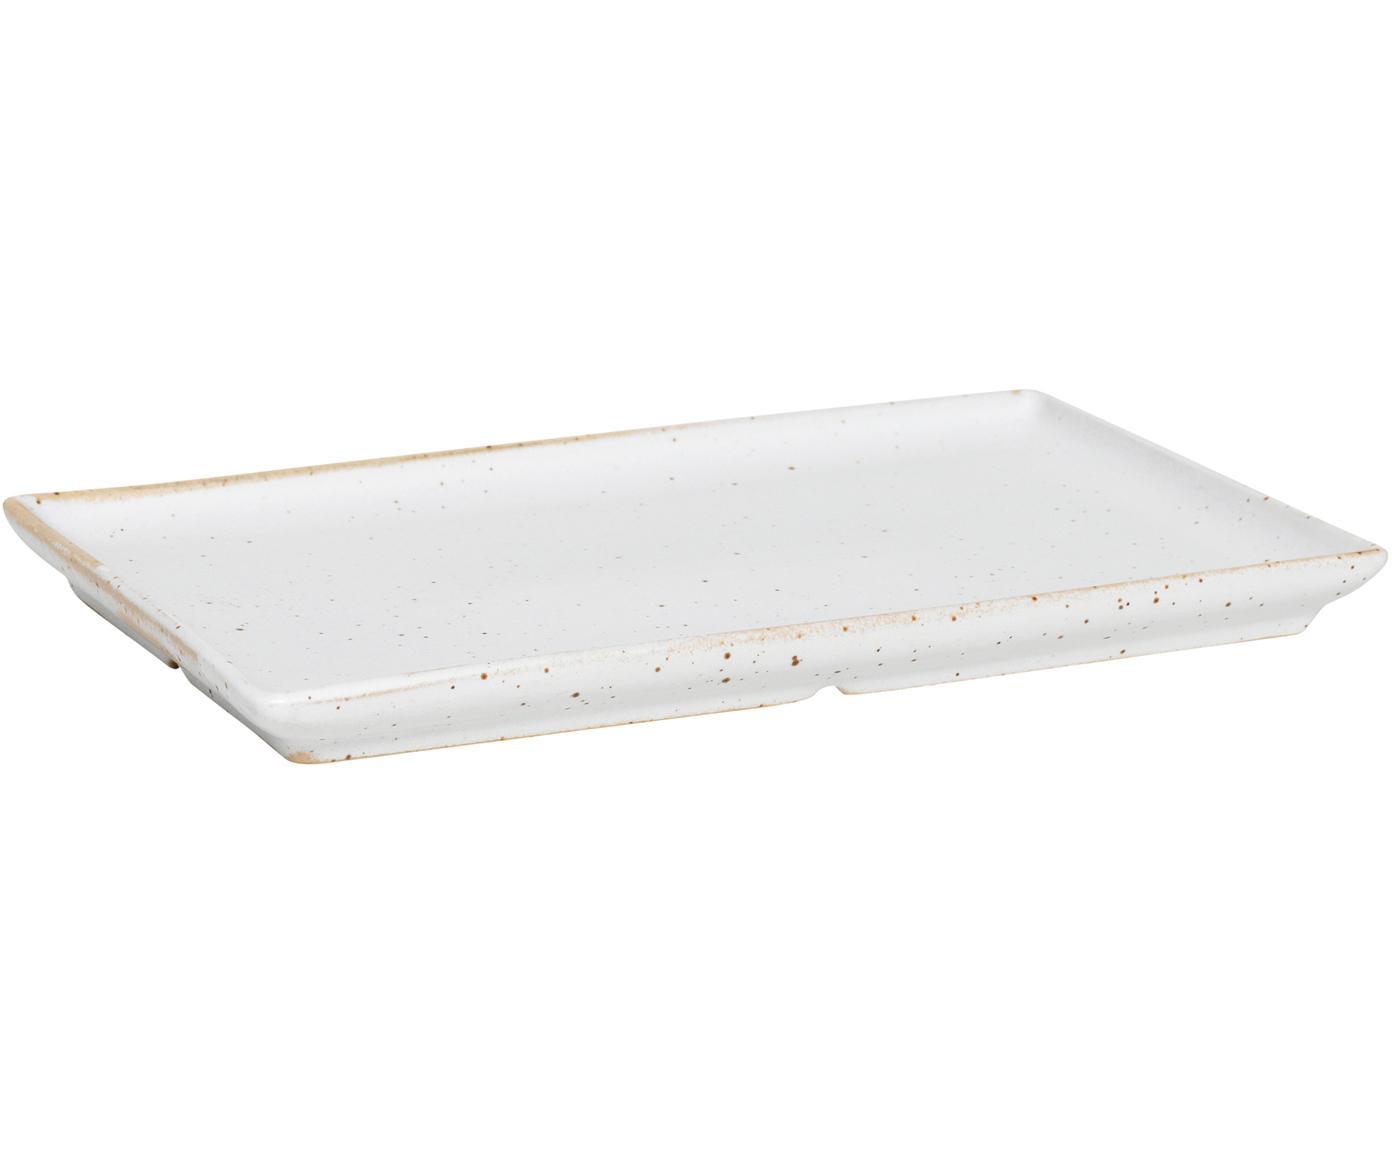 Rechteckige Steingut-Teller Eli mit mattem Finish, 4 Stück, Steingut, Beige, Hellgrau, 20 x 2 cm